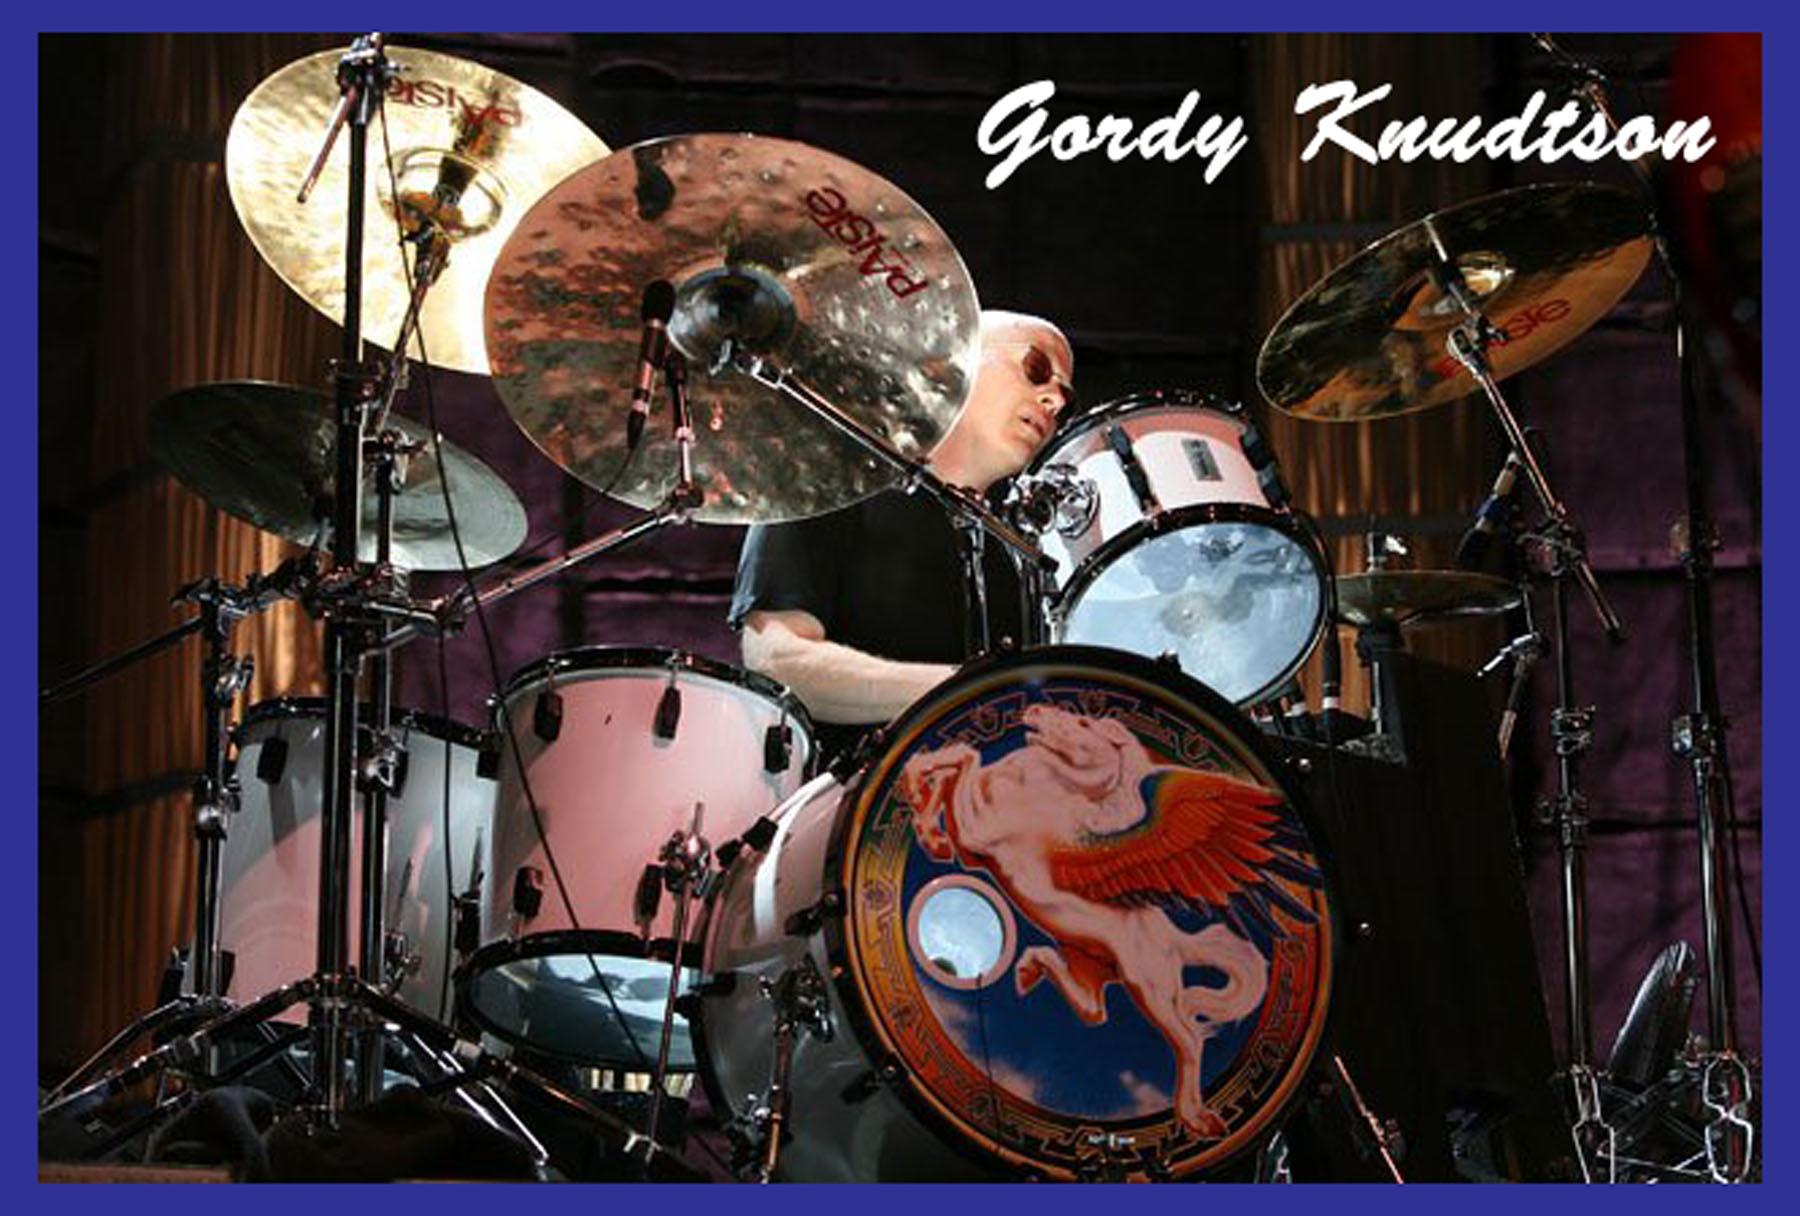 Gordy-1.jpg